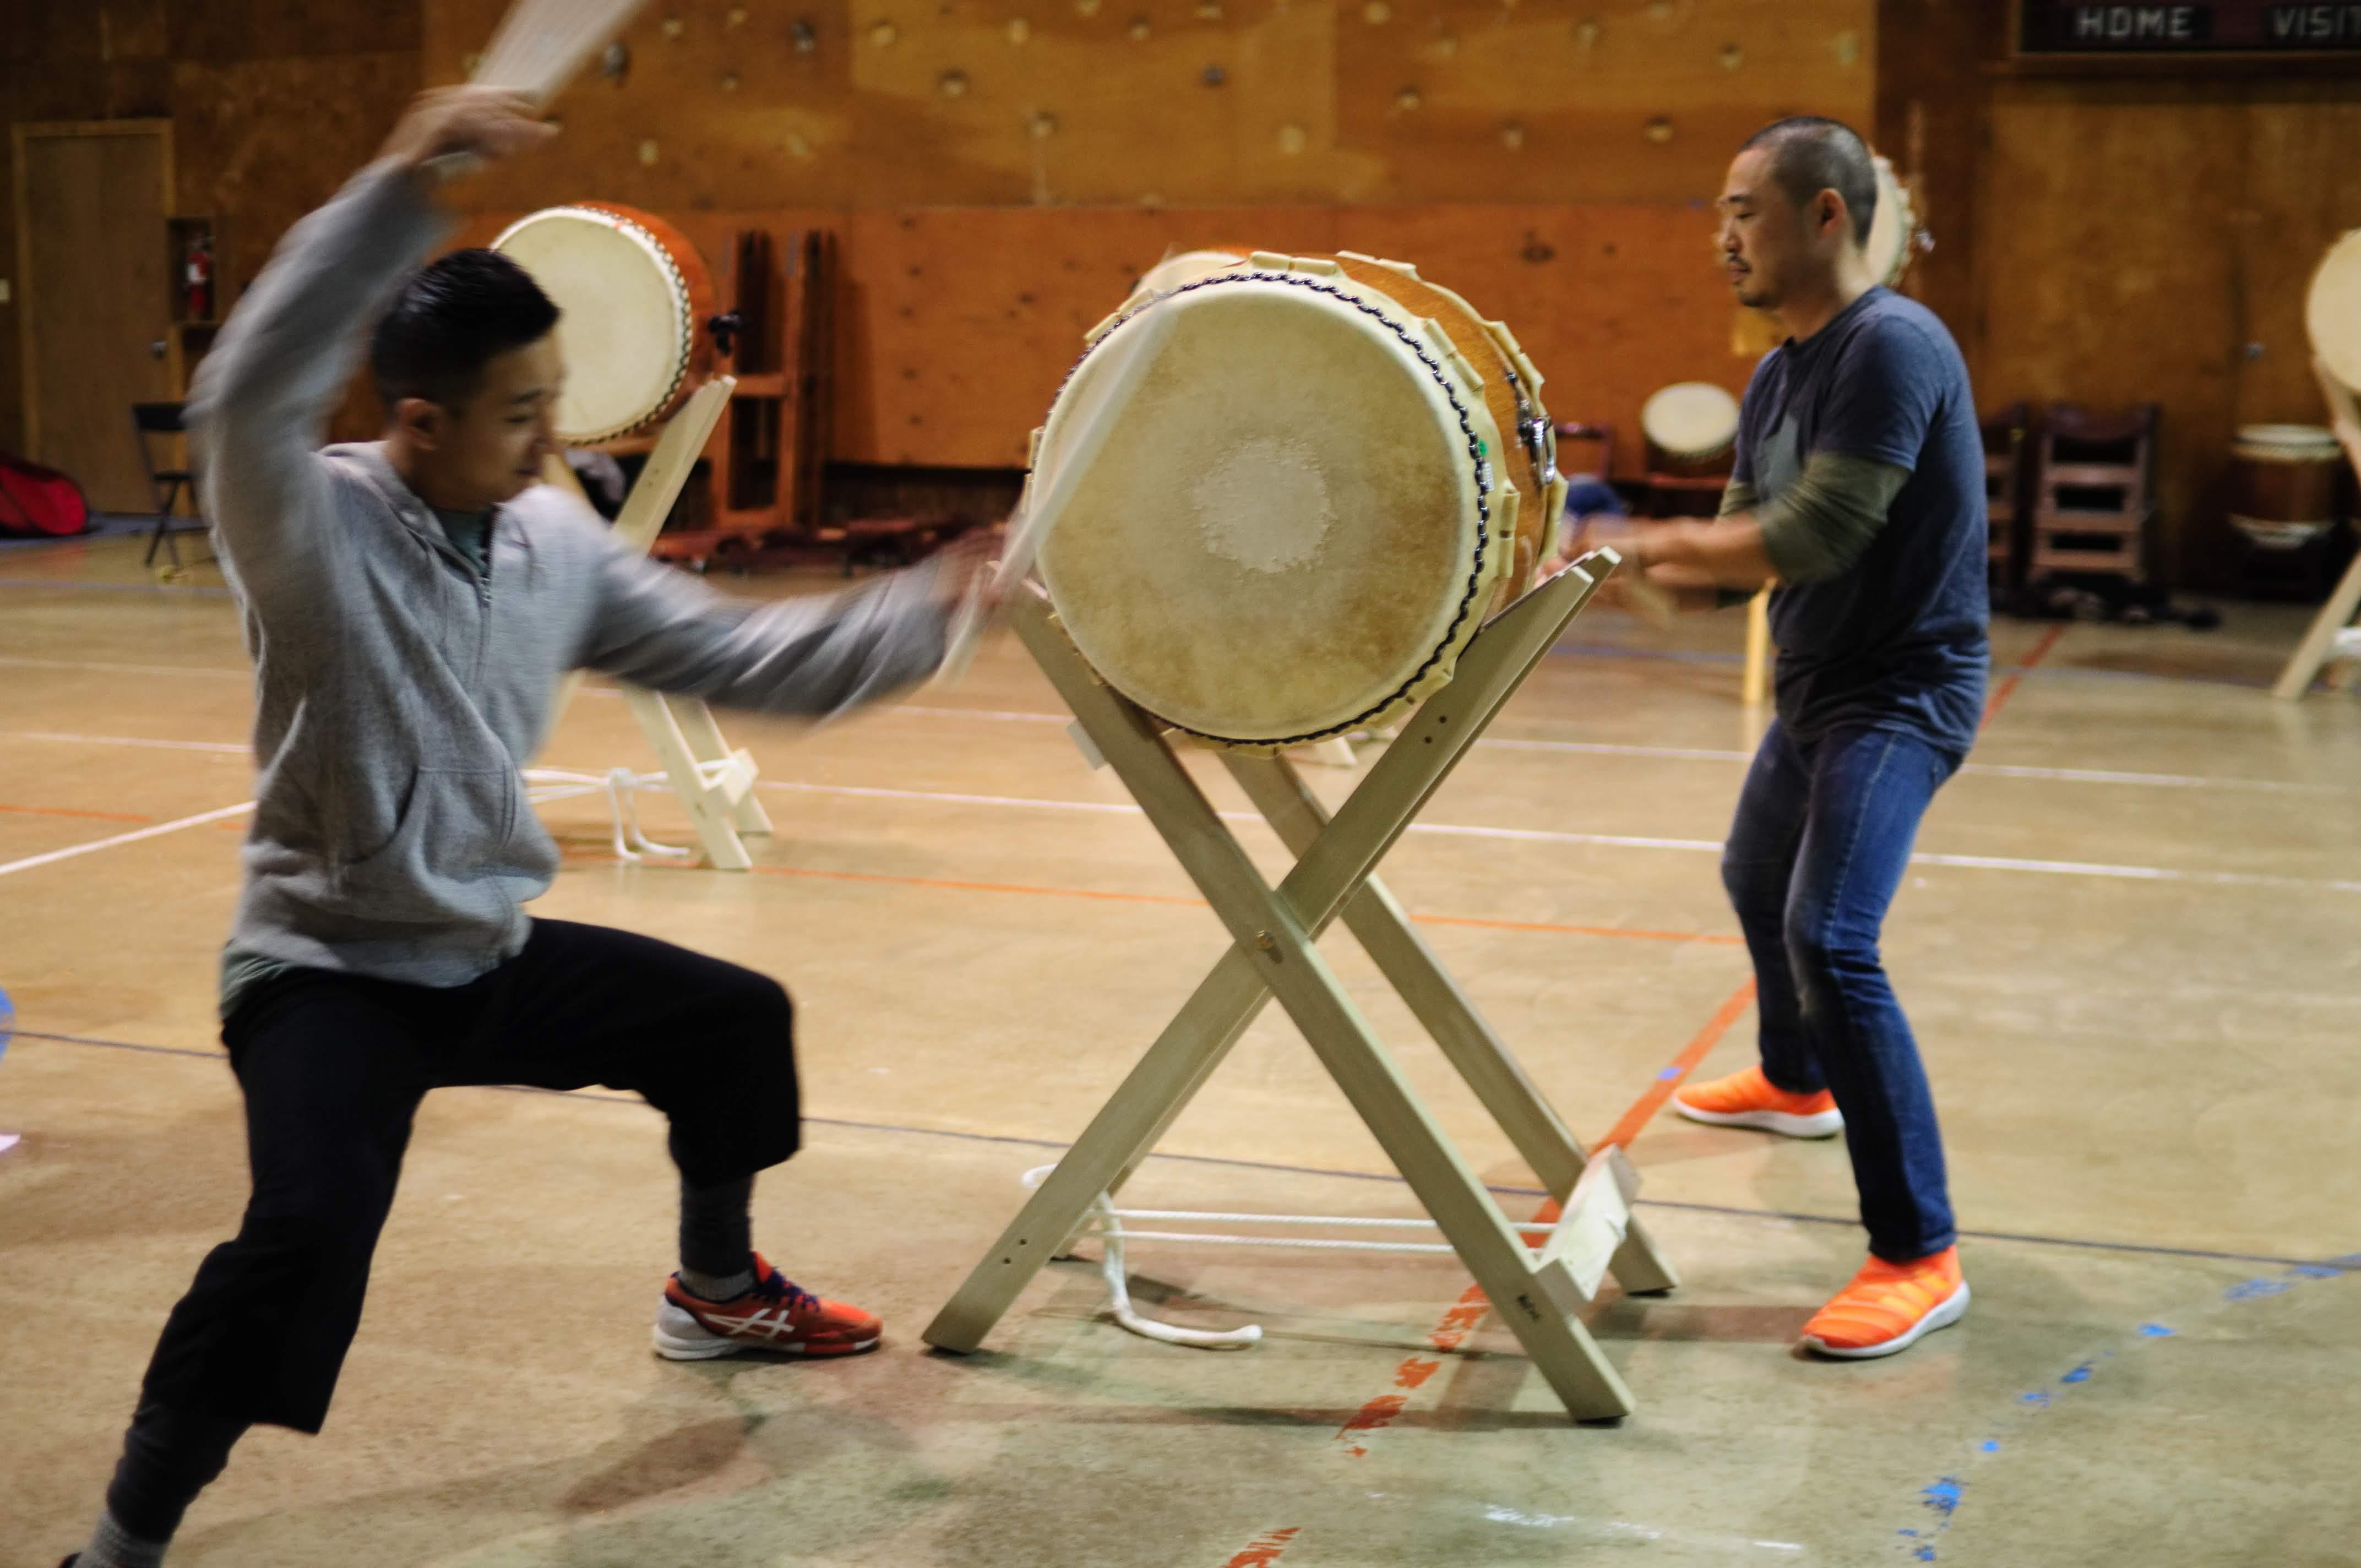 Shogo and Shoji play Hachijou